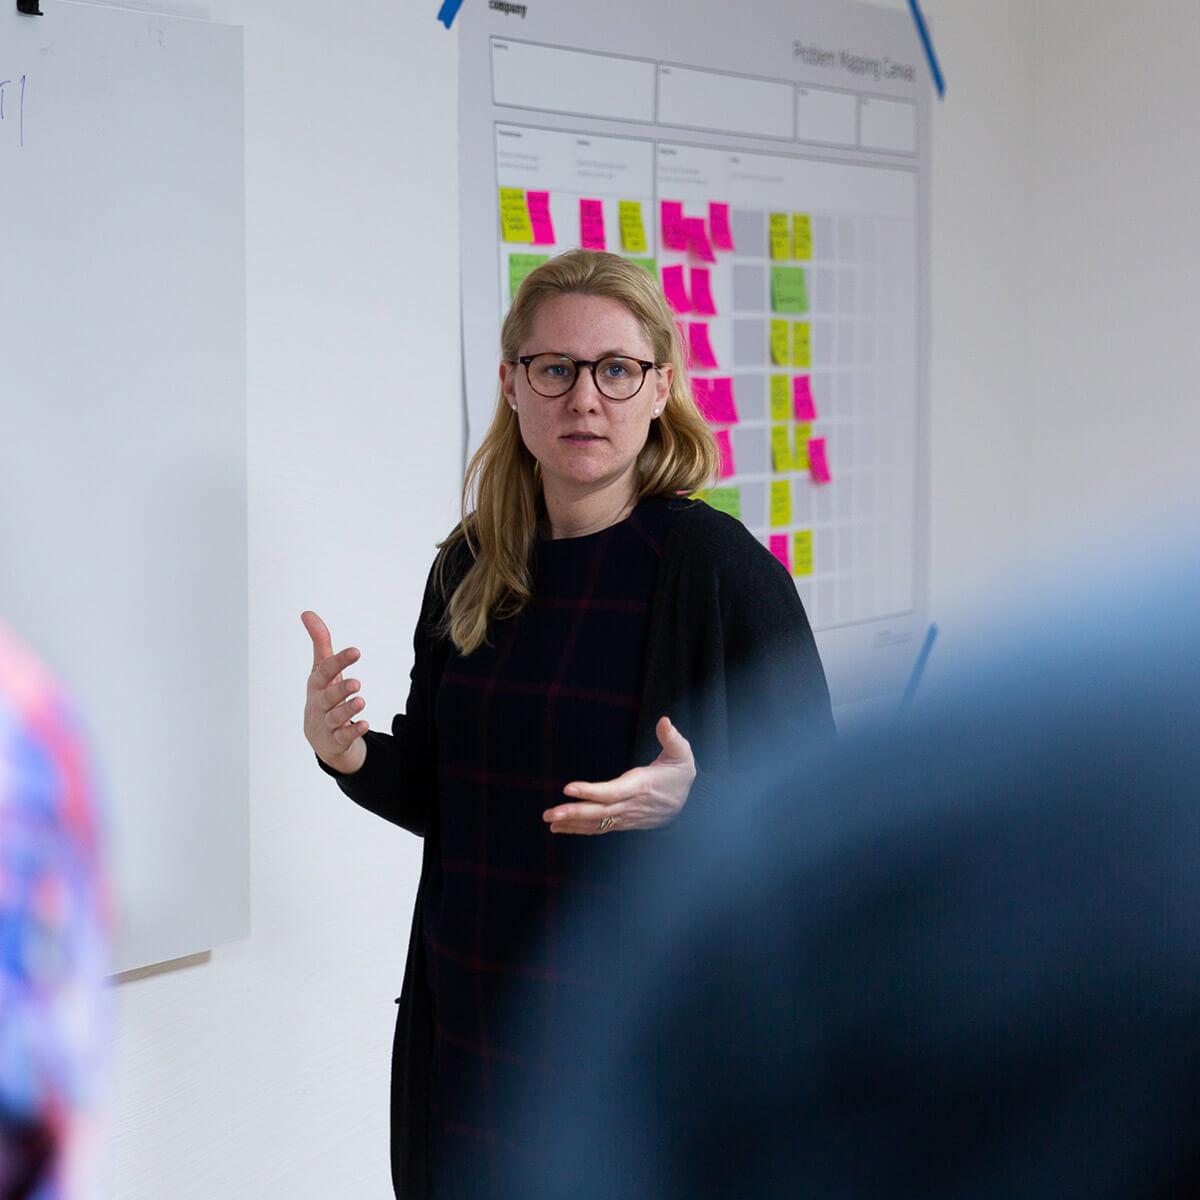 Ein Agile Coach von Me & Company im Gespräch mit Kunden